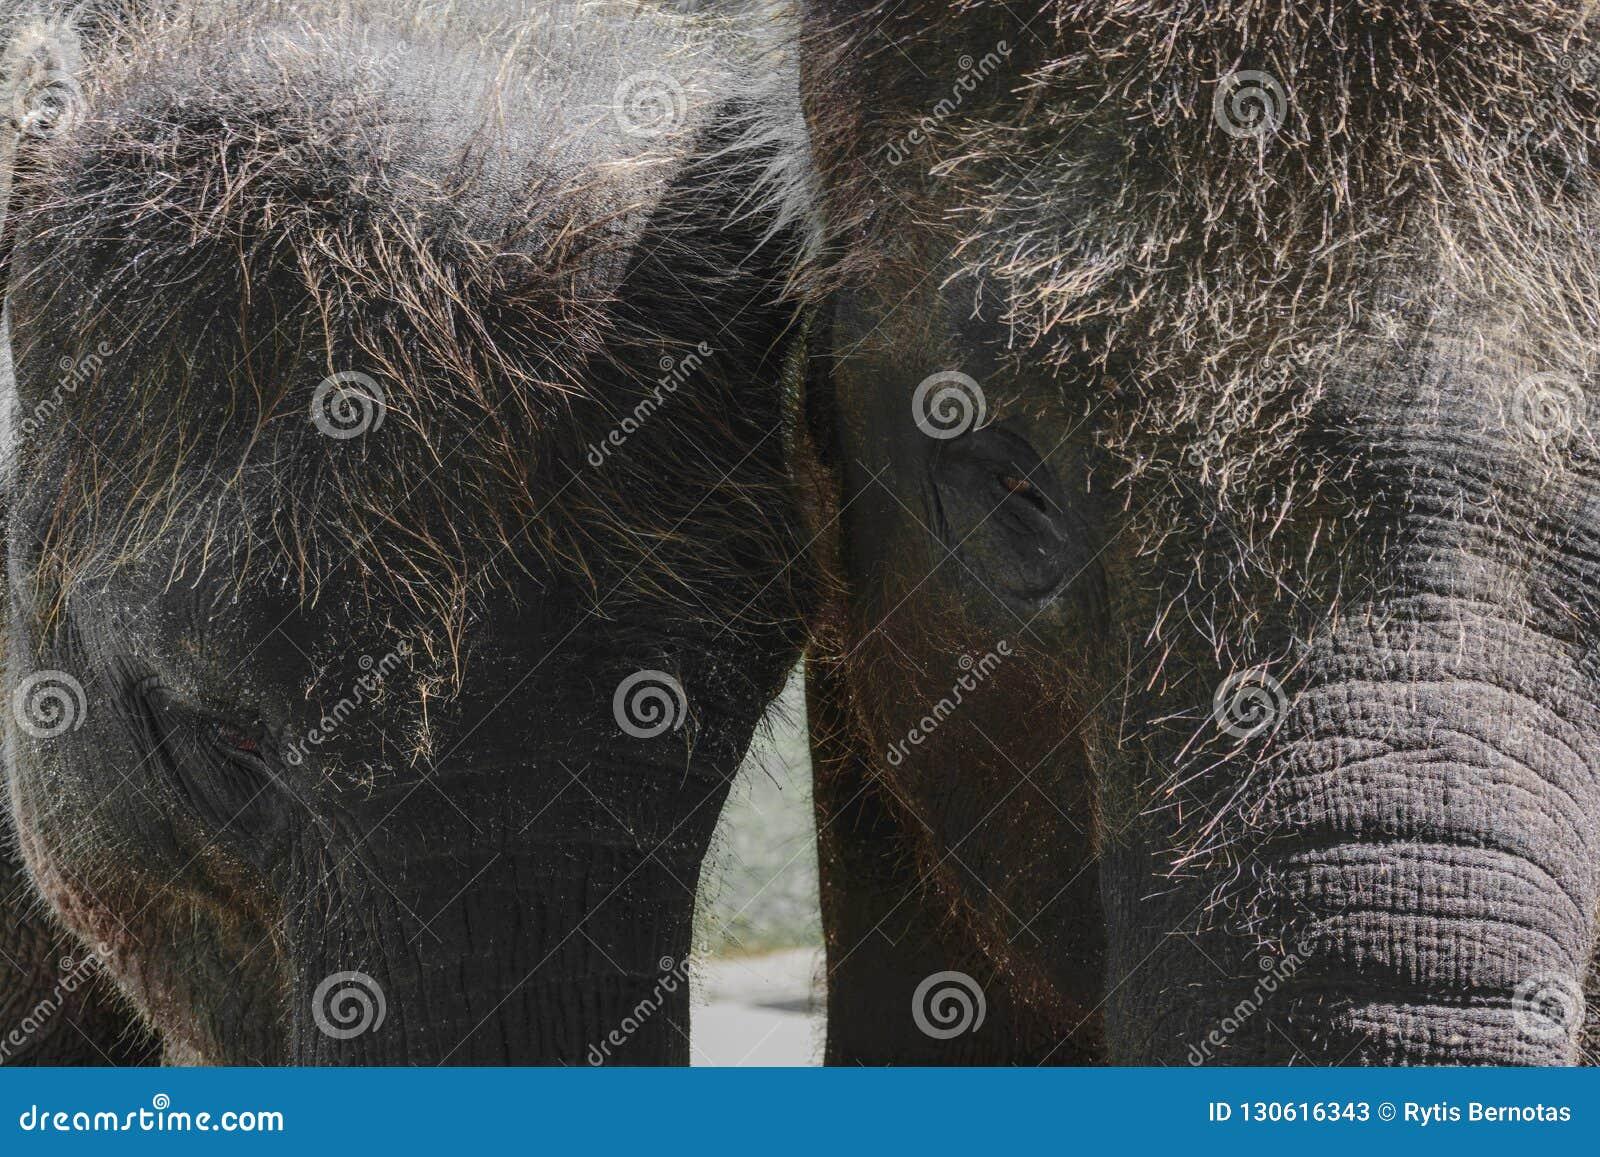 Twee jonge en harige Sumatra-olifanten die zich naast elkaar bevinden